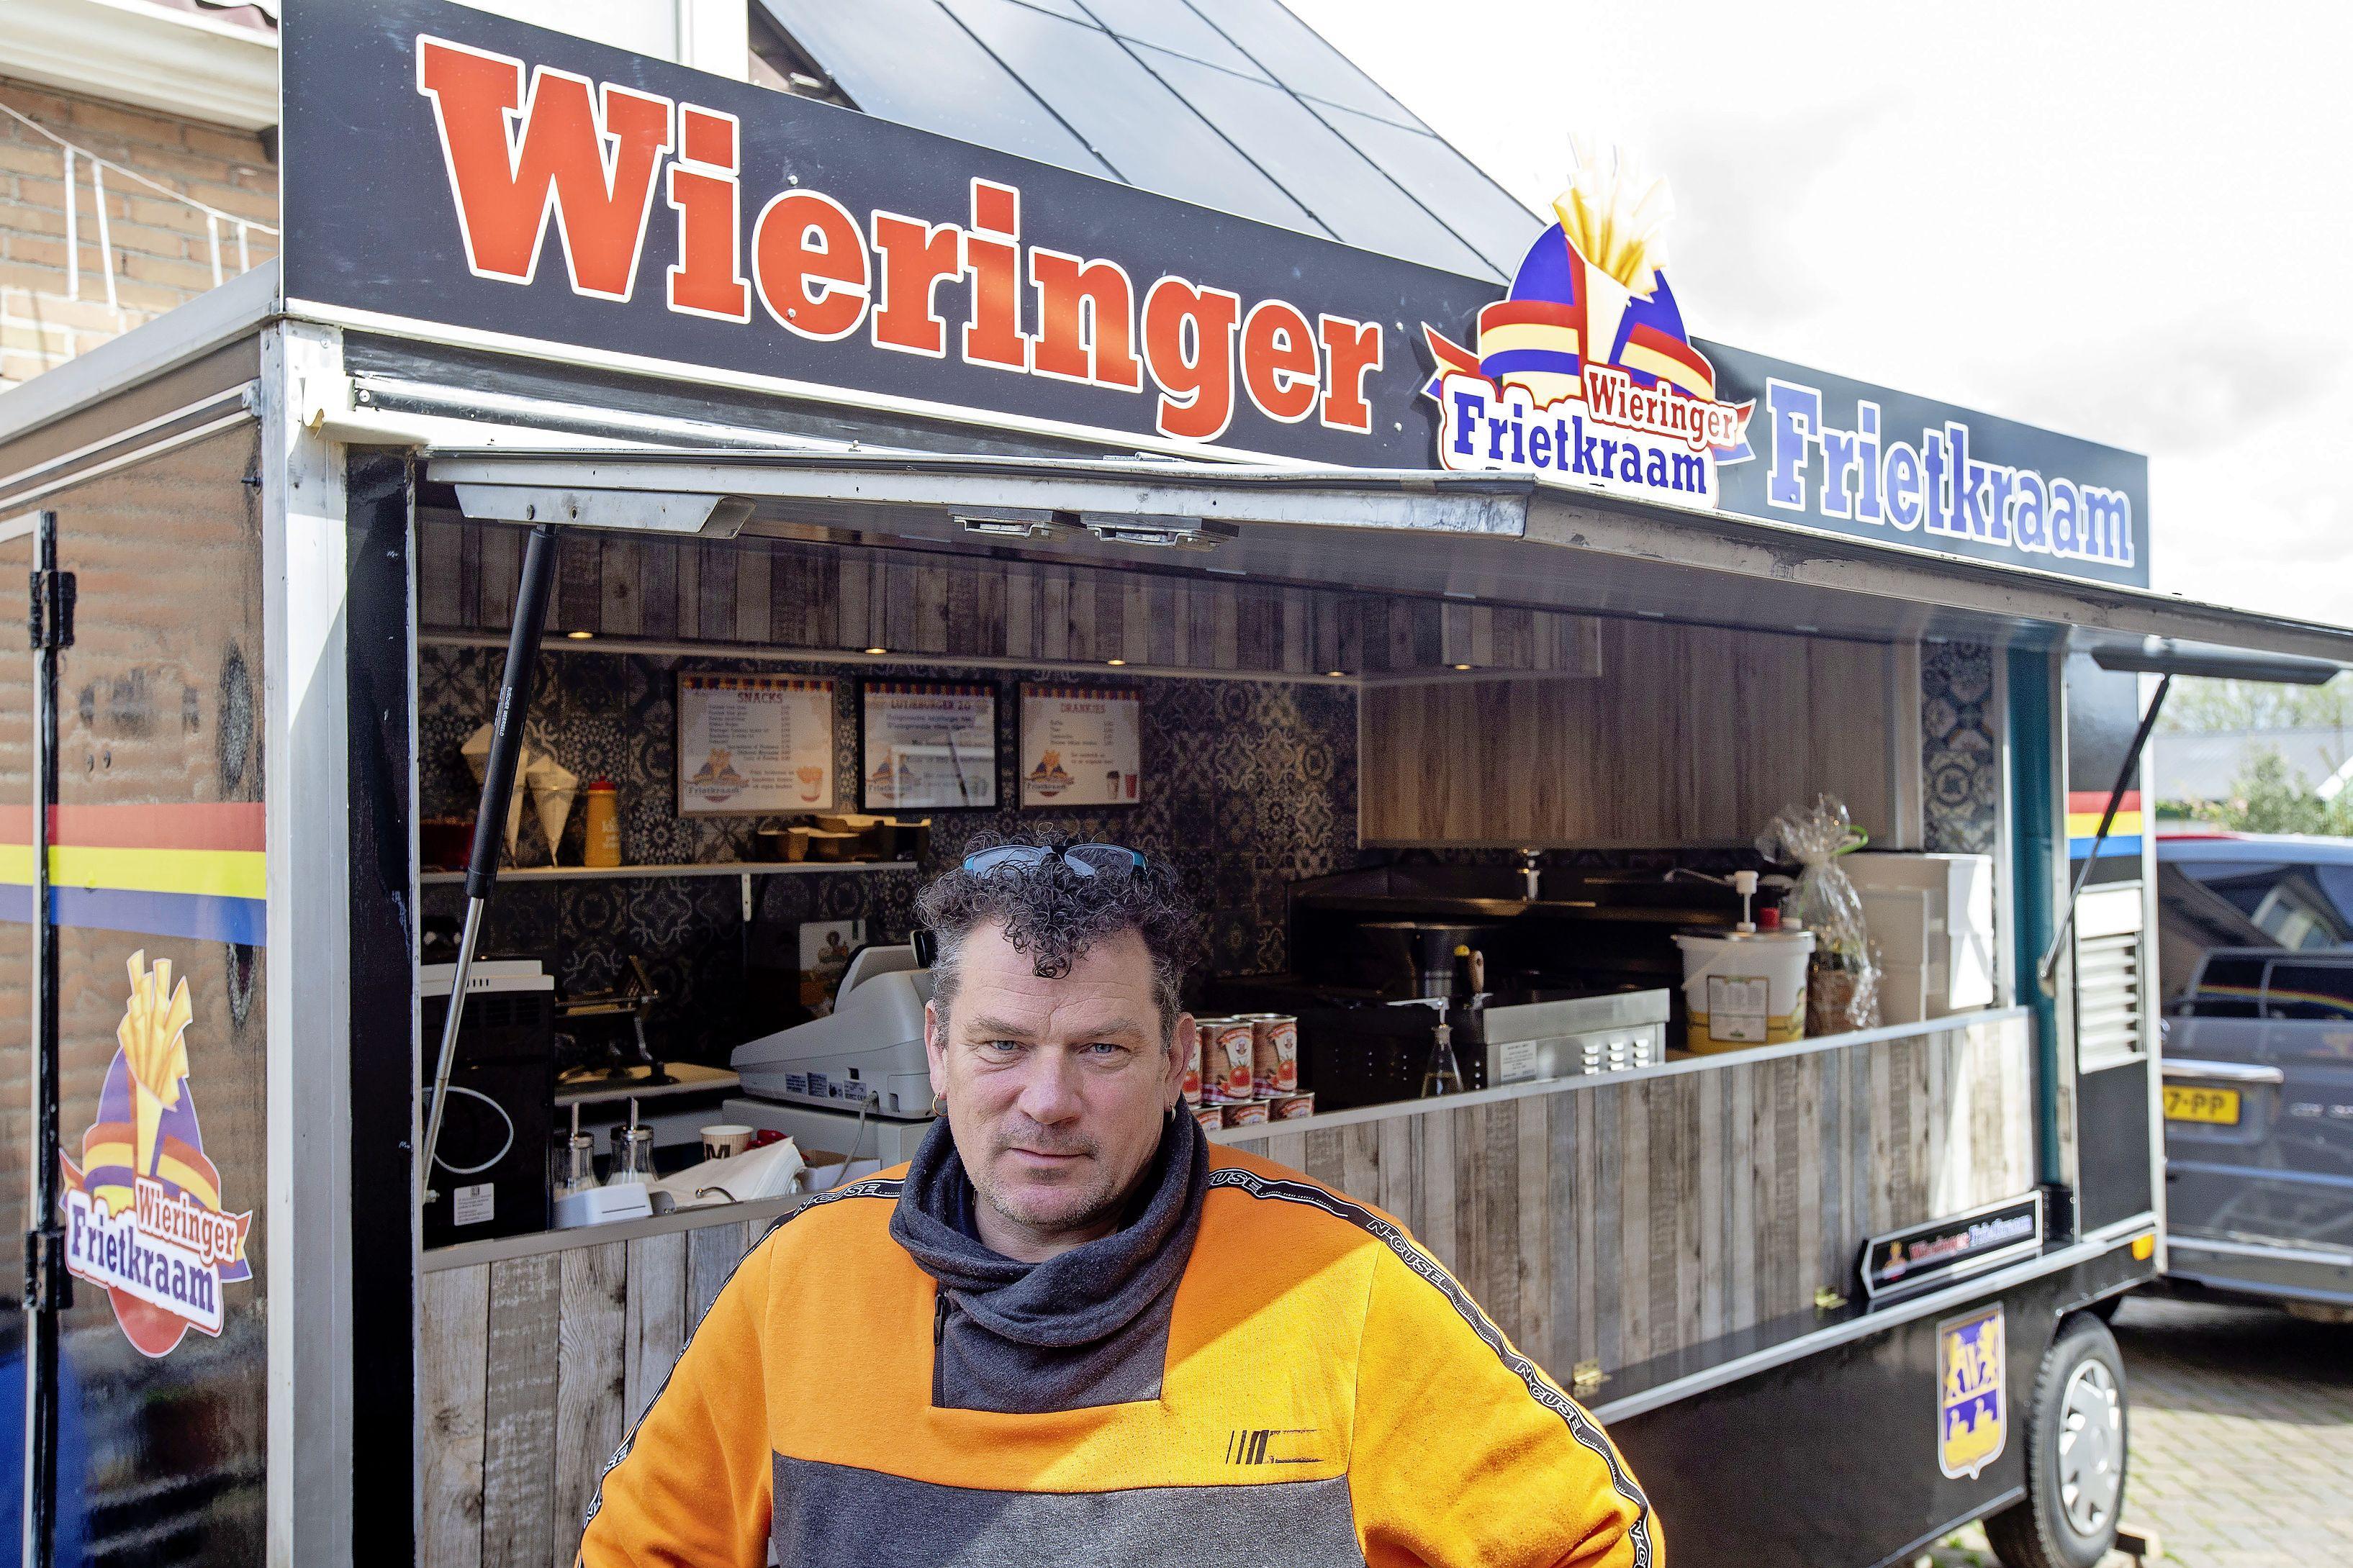 Ze knalden uit elkaar en Ingo gaf bijna op. Maar nu verkoopt hij zijn eigen Kikkert Kroket vanuit de Wieringer Frietkraam. En straks misschien ook wel bitterballen met gerookte paling